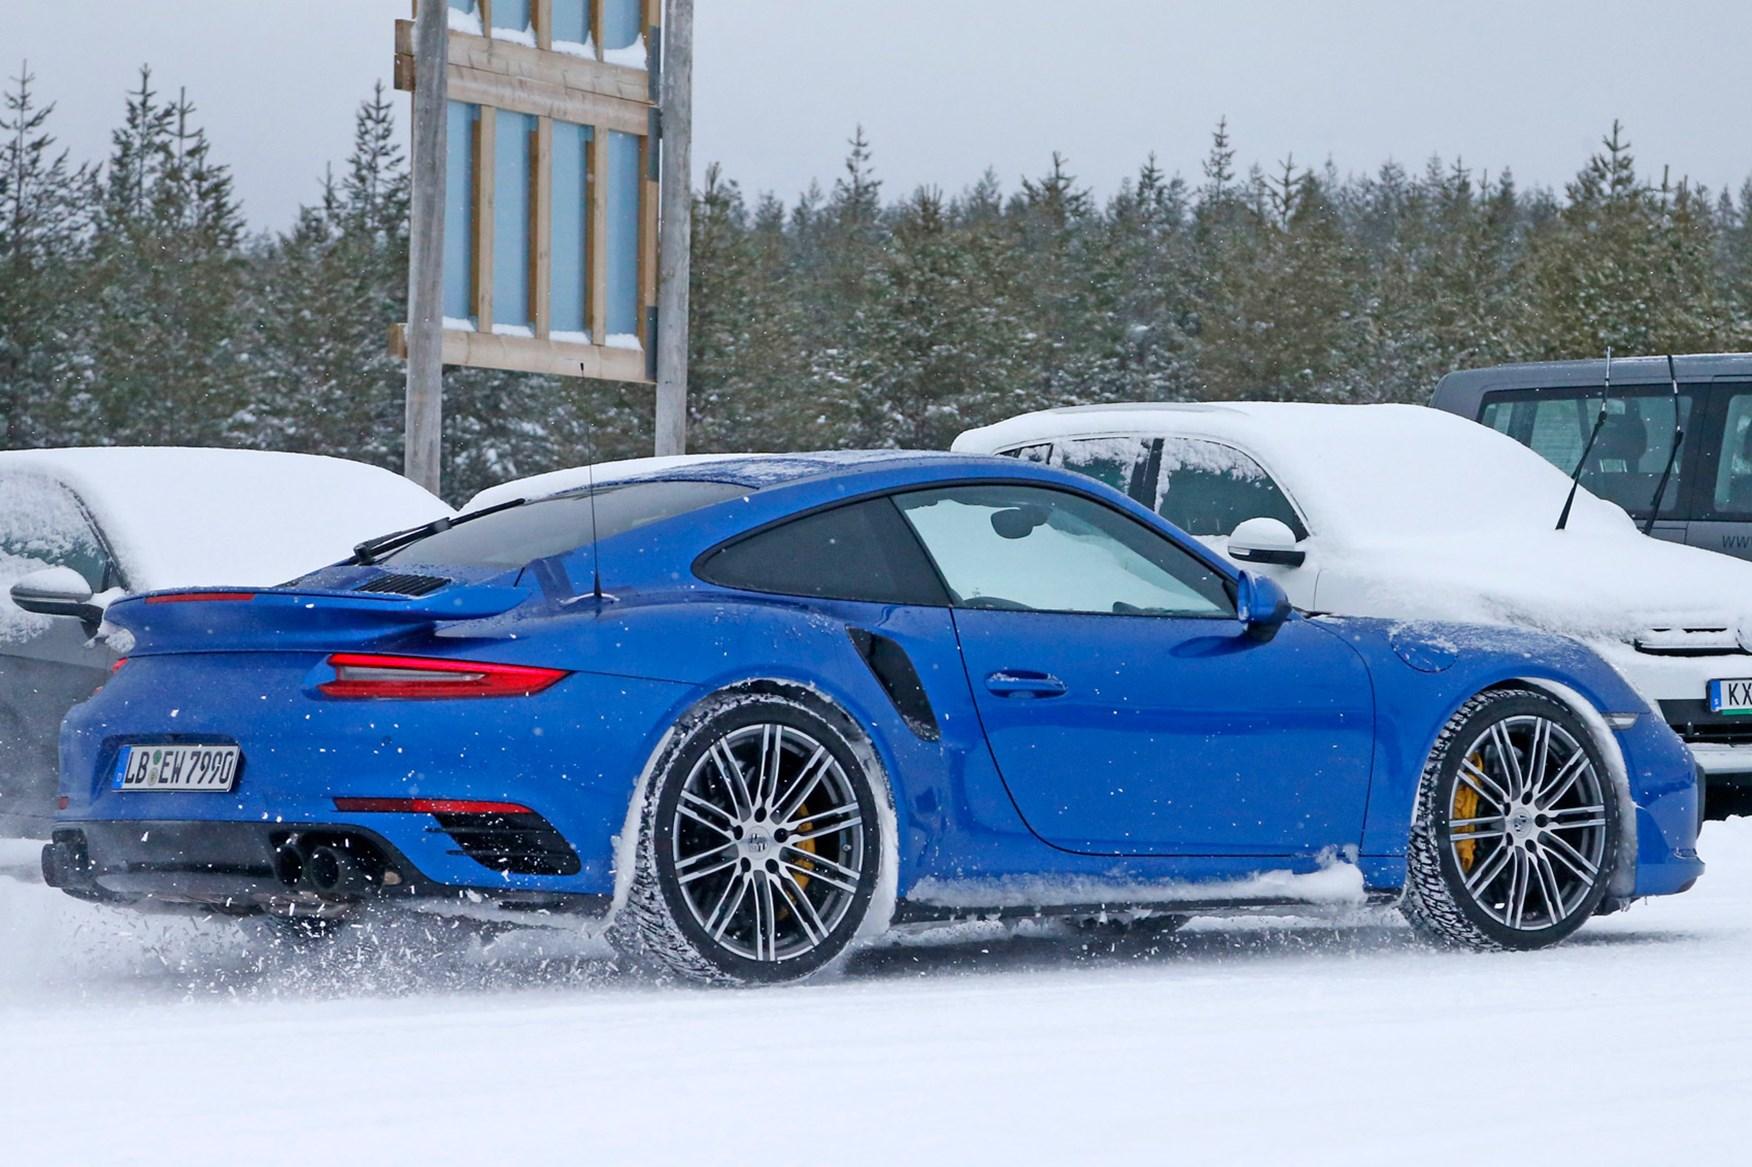 000-911gt3 Outstanding Porsche 911 Gt2 Hot Wheels Cars Trend